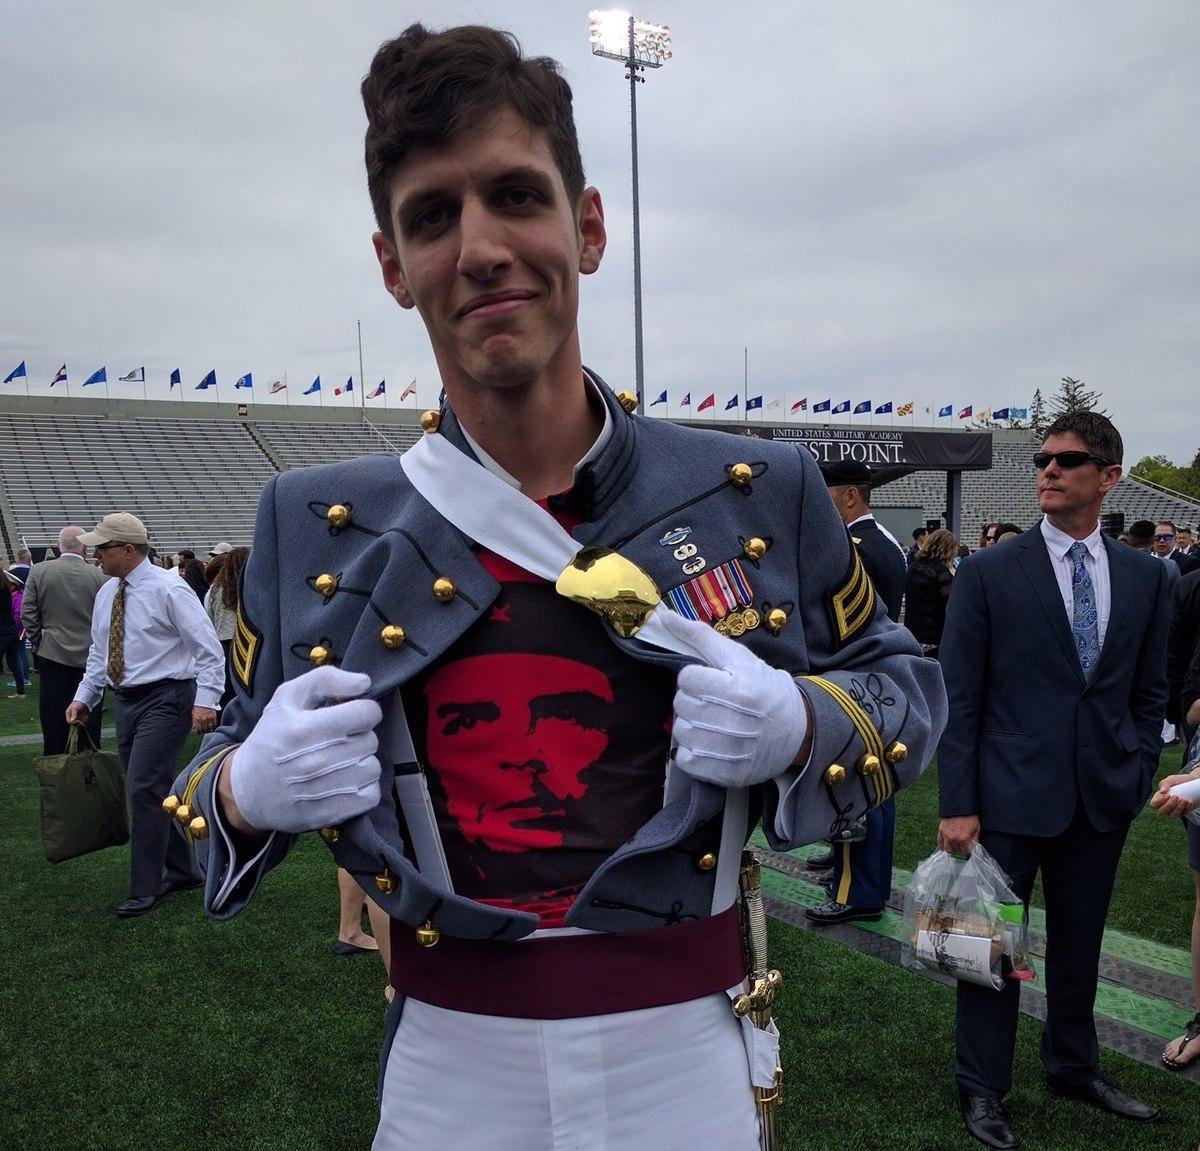 Spencer Rapone, congedato dall'esercito USA perché comunista